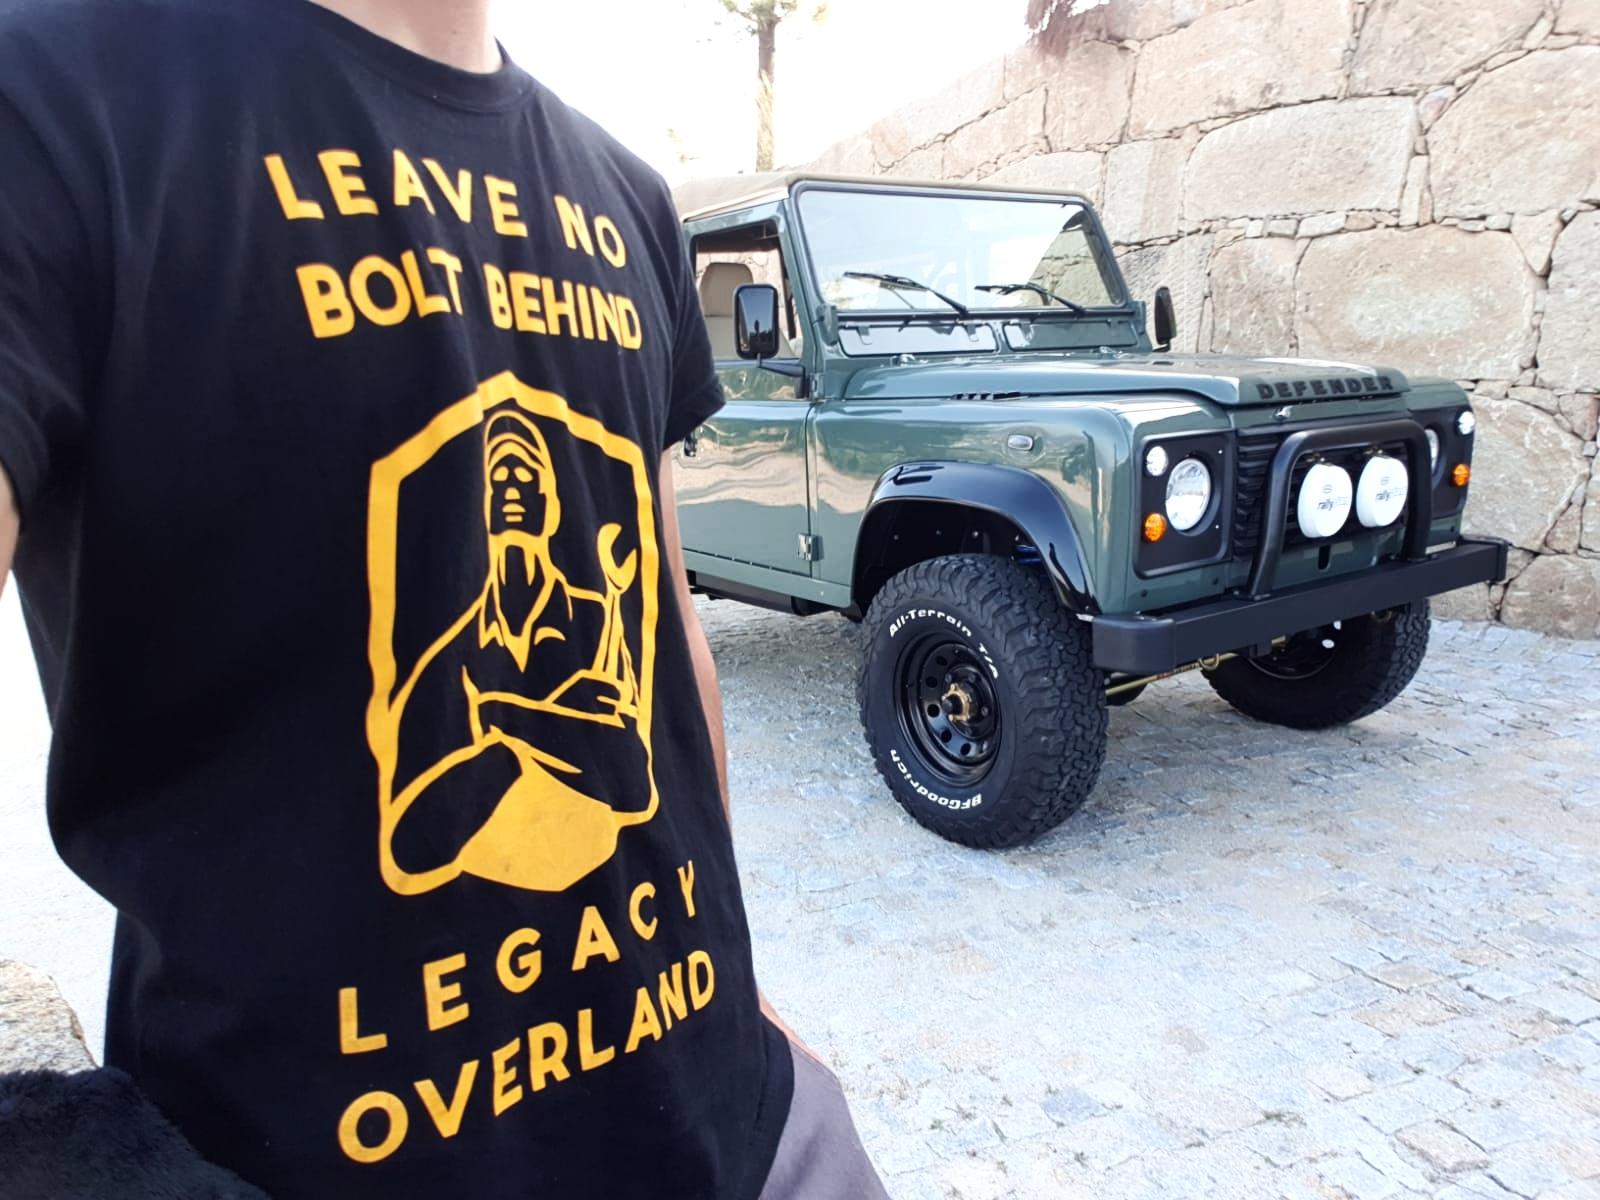 LegacyOverland_ProjKalahari_Defender90_car11.jpg